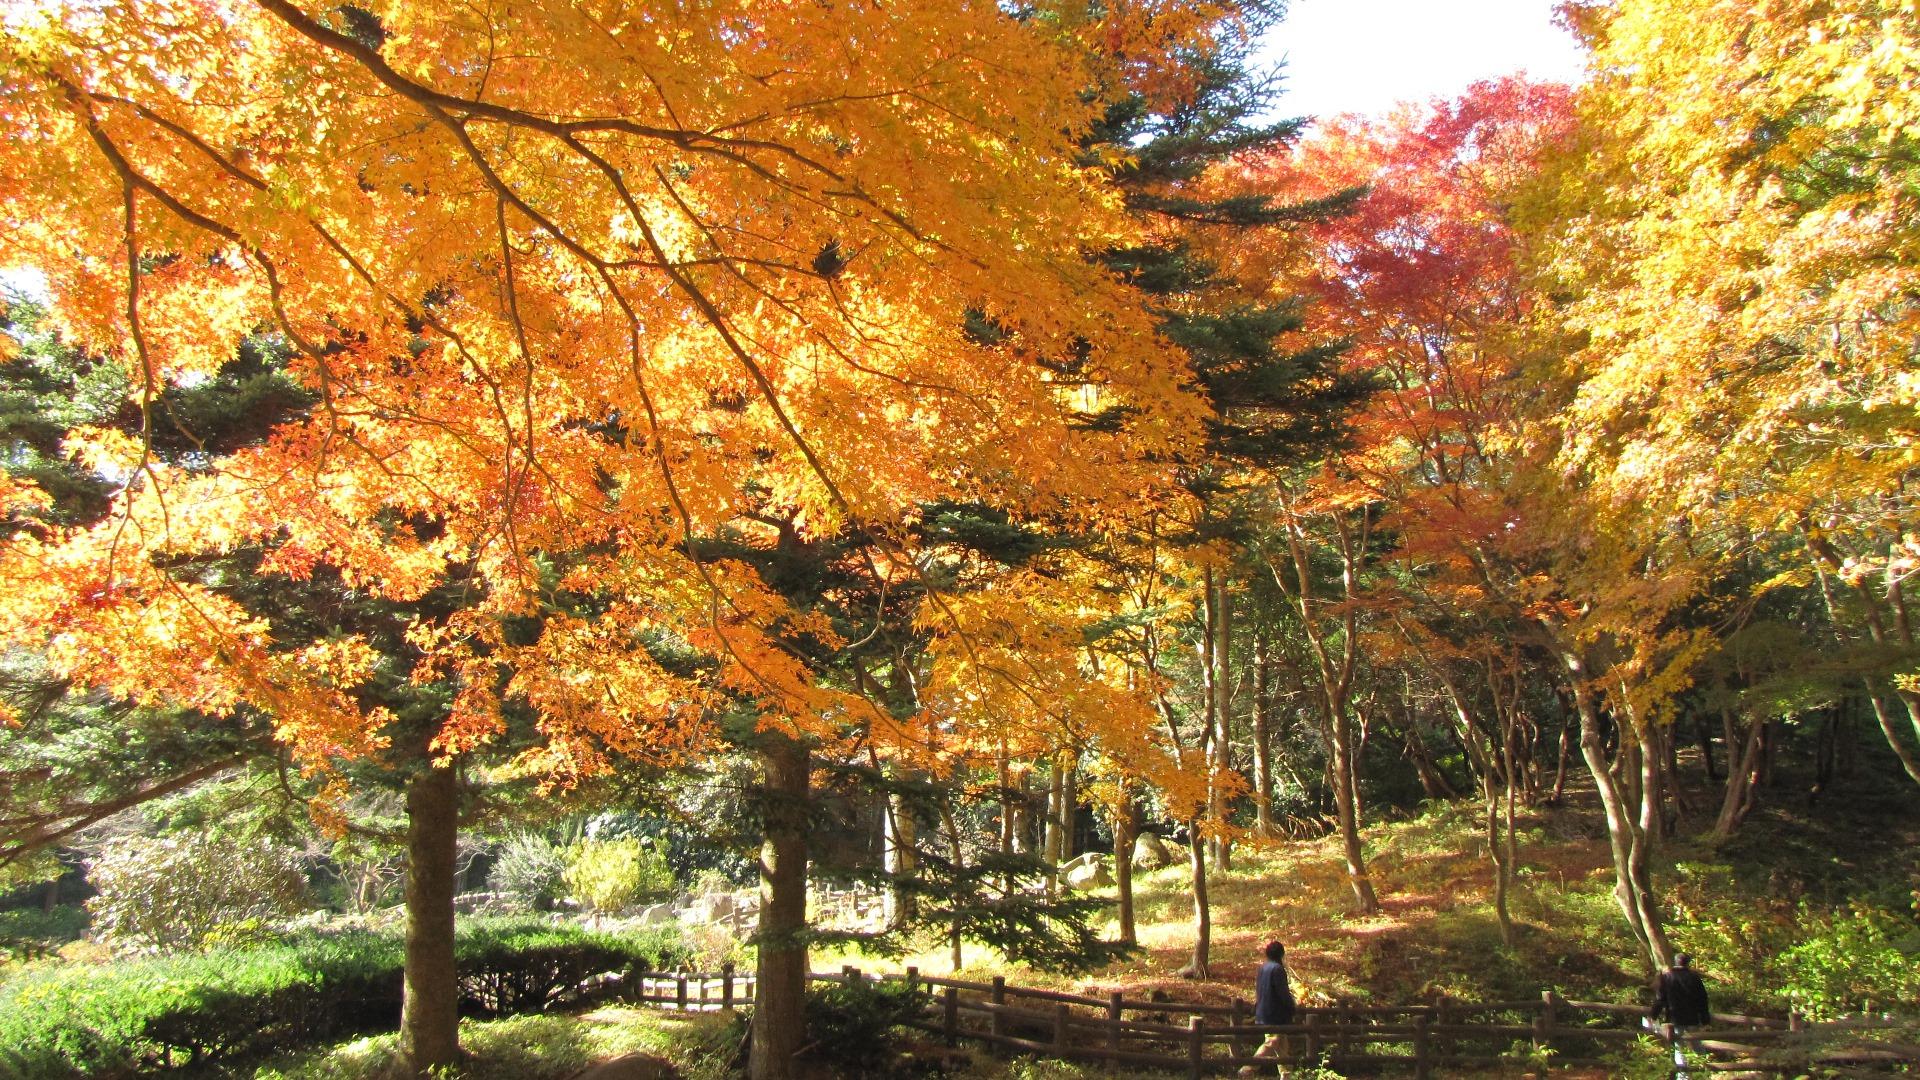 限定公開 安藤忠雄設計「風の教会」と「六甲高山植物園の紅葉」を楽しむバスツアー